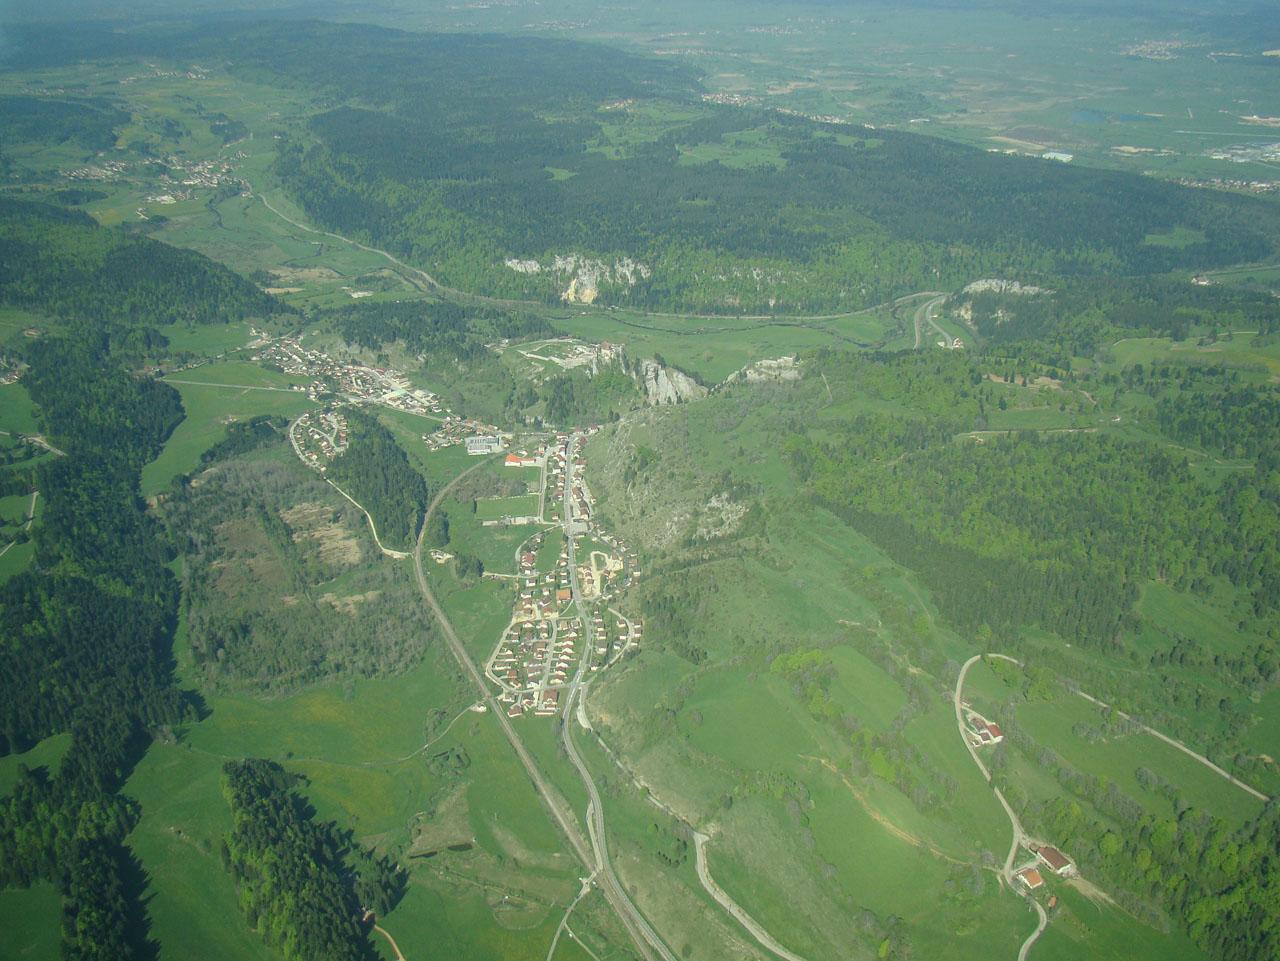 La vallée de Joux, avec le château de Joux et le fort Malher